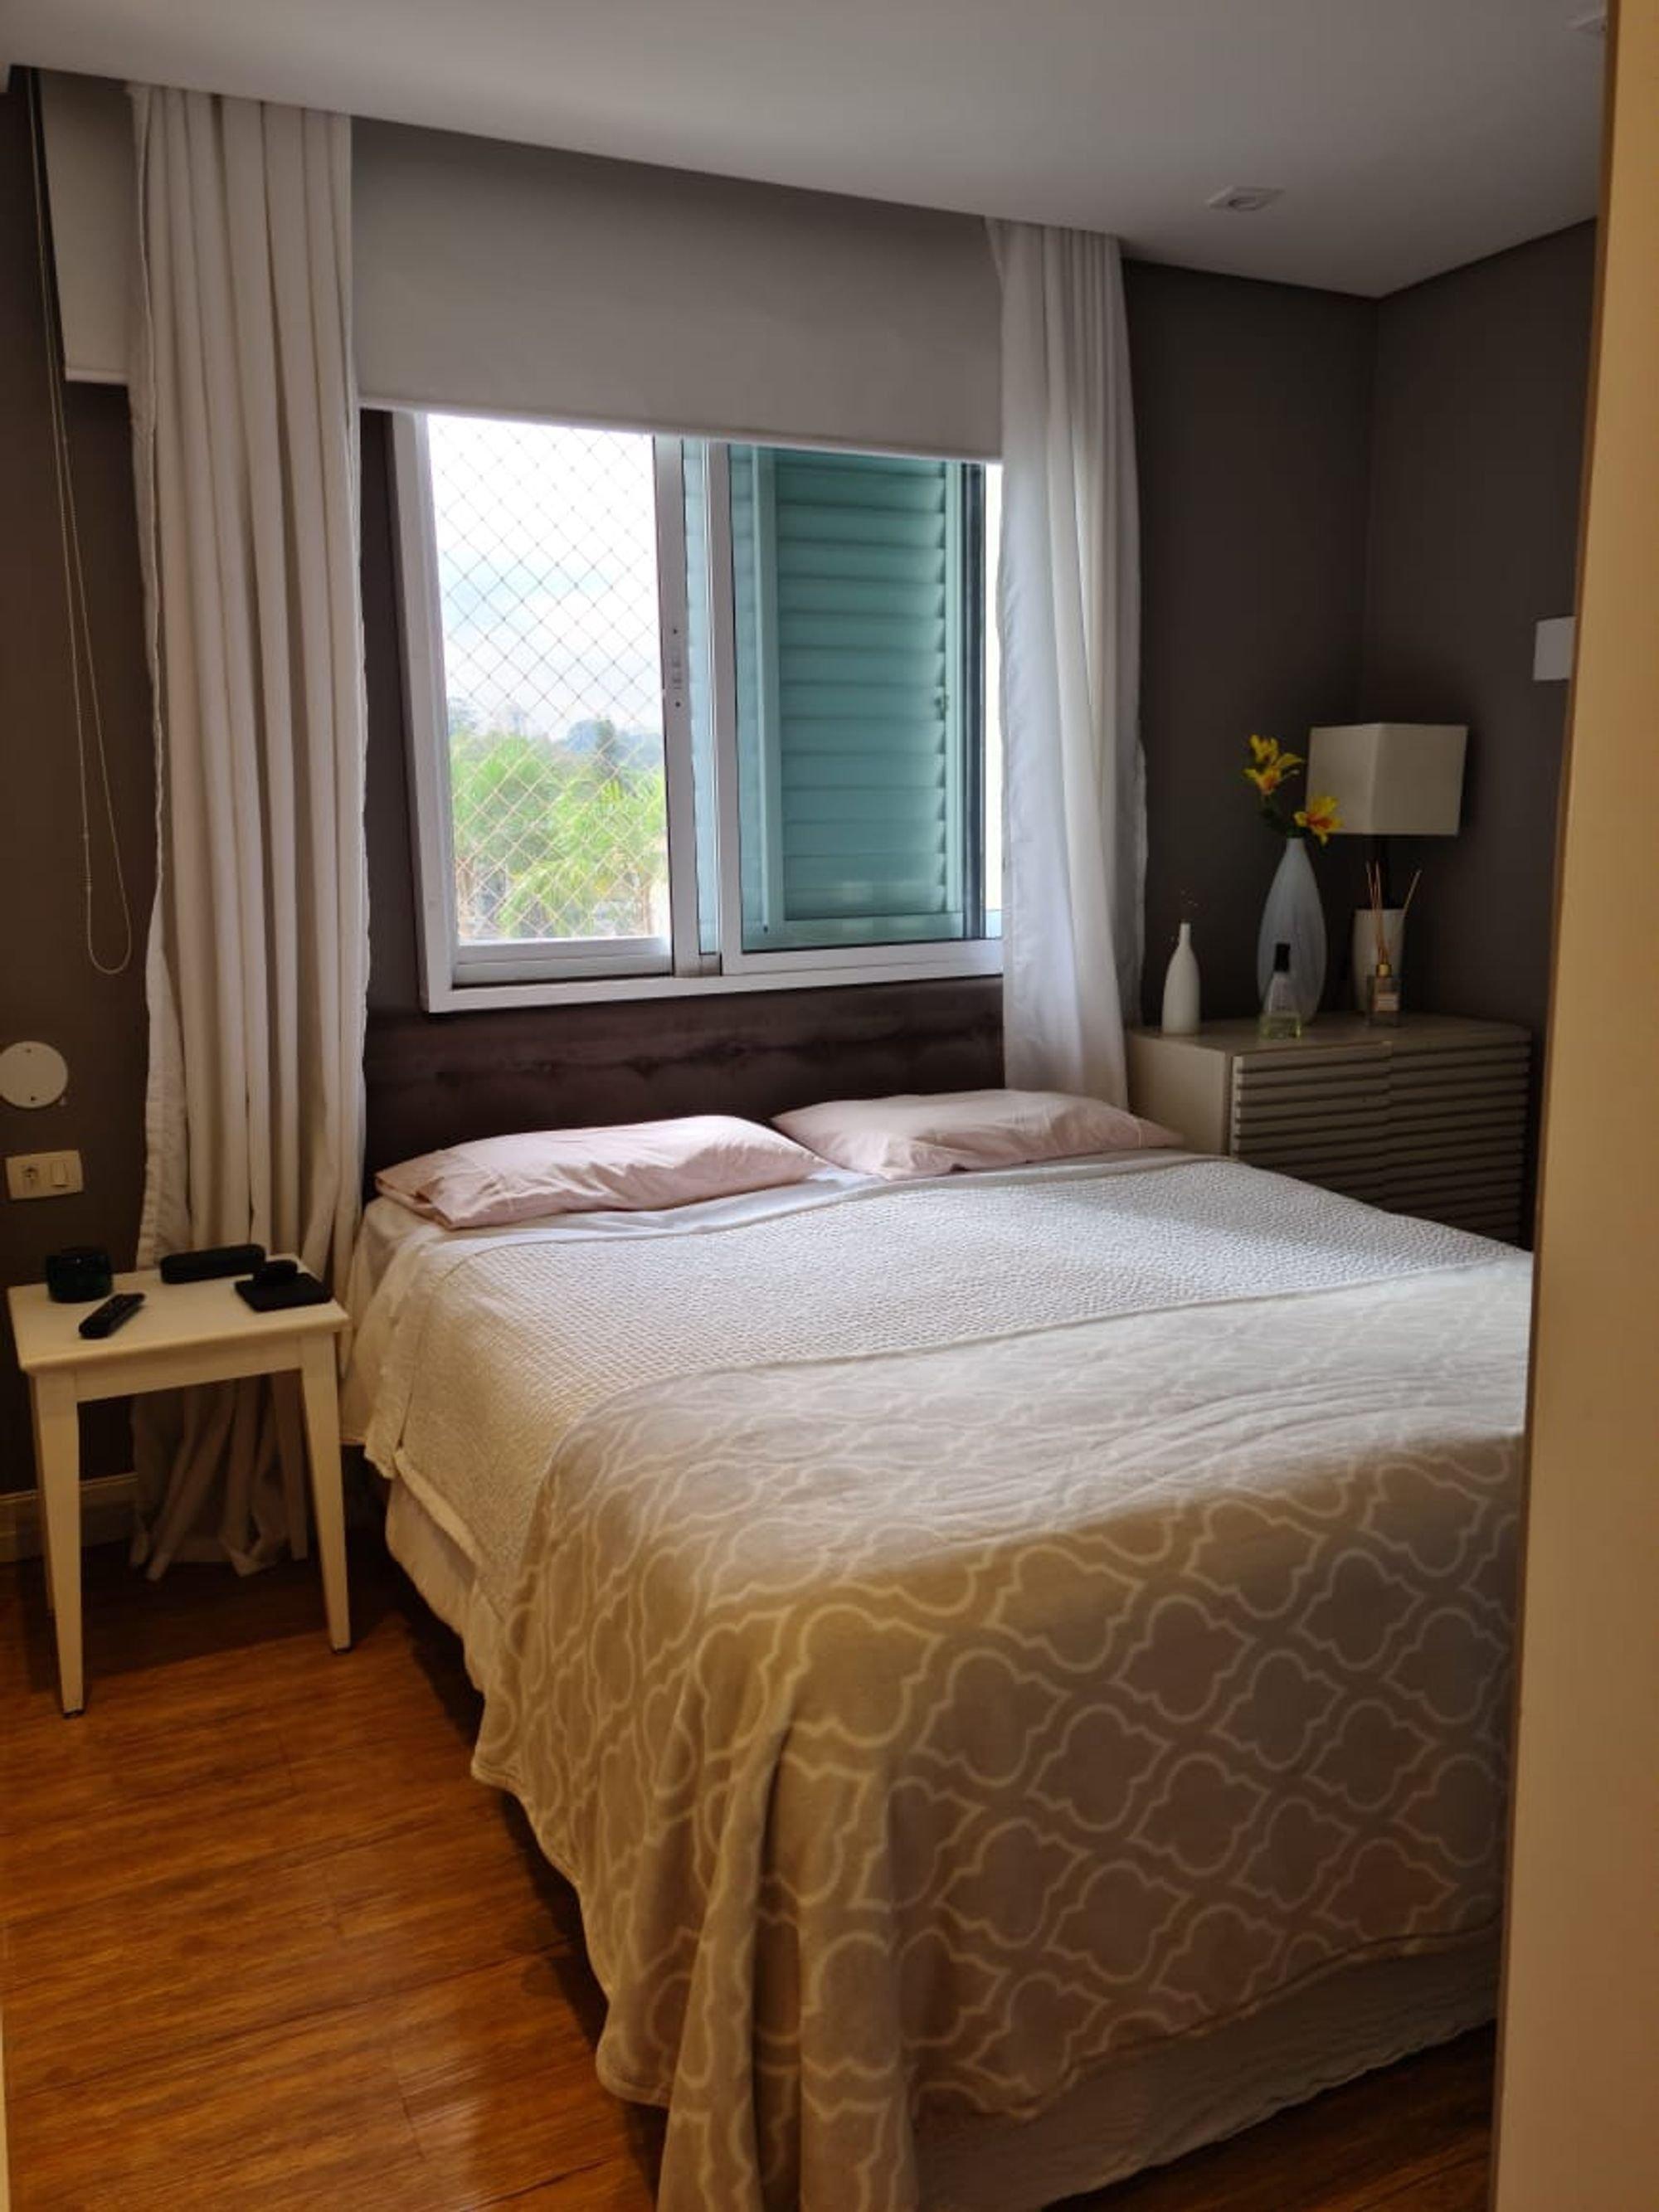 Foto de Quarto com cama, vaso, garrafa, controle remoto, mesa de jantar